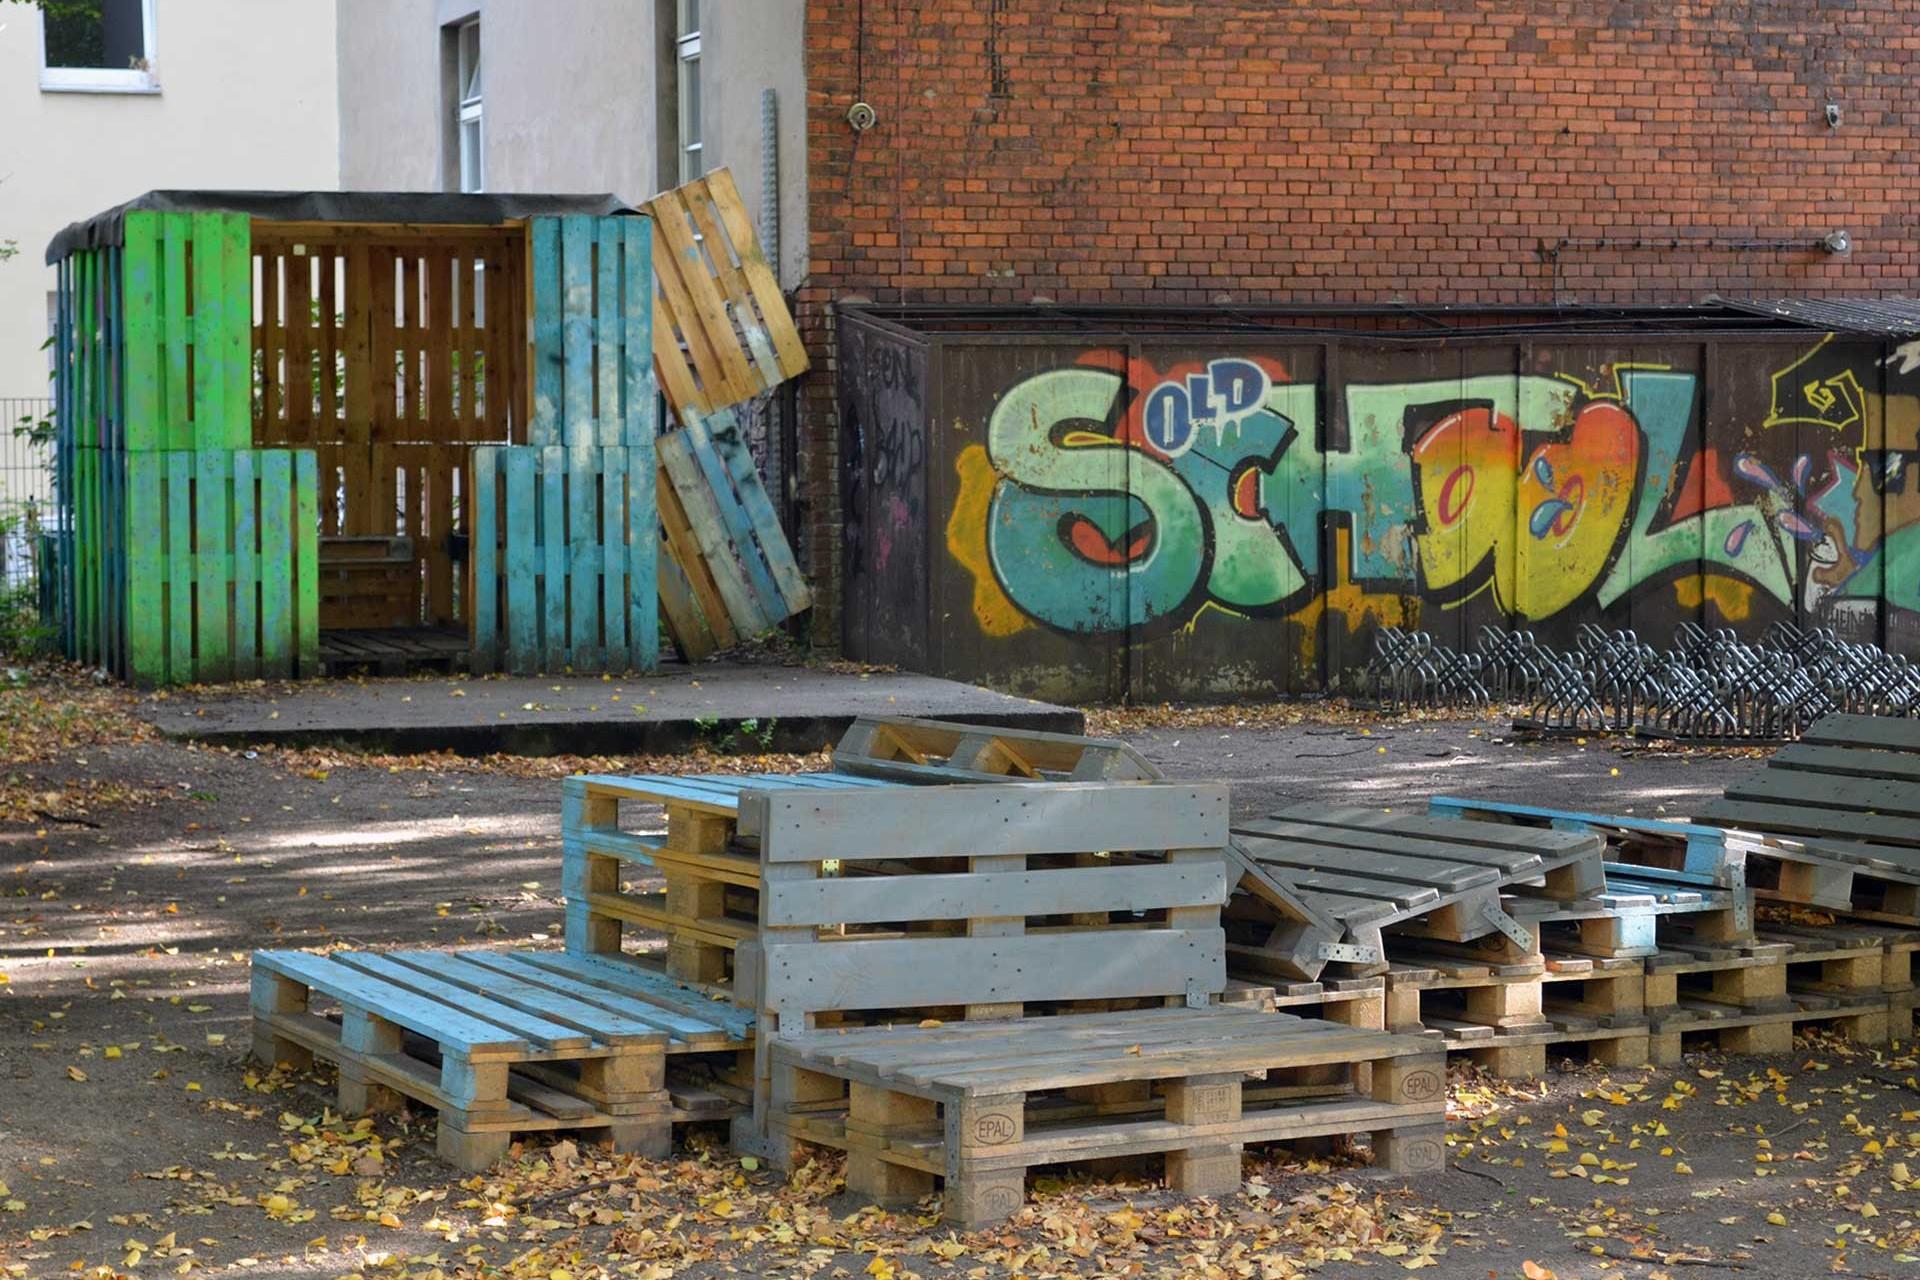 Sitzmöbel für den Schulhof an der Heinz-Brandt-Schule in Berlin